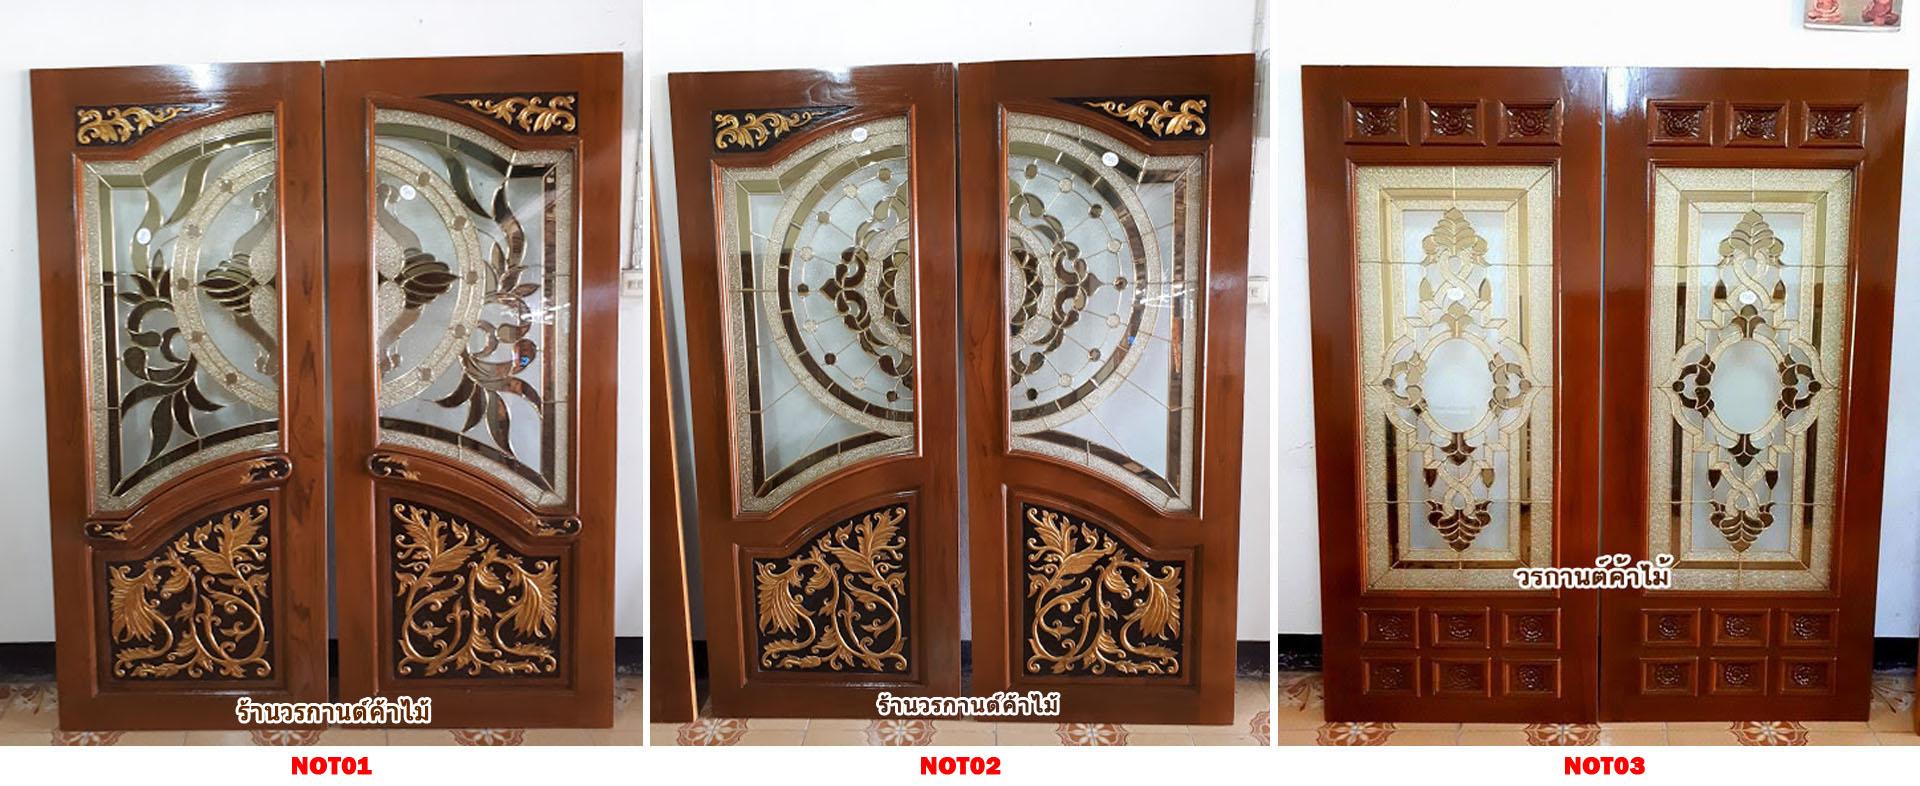 ประตูไม้สักกระจกนิรภัยปีกนก ร้านวรกานต์ค้าไม้ www.door-woodhome.com